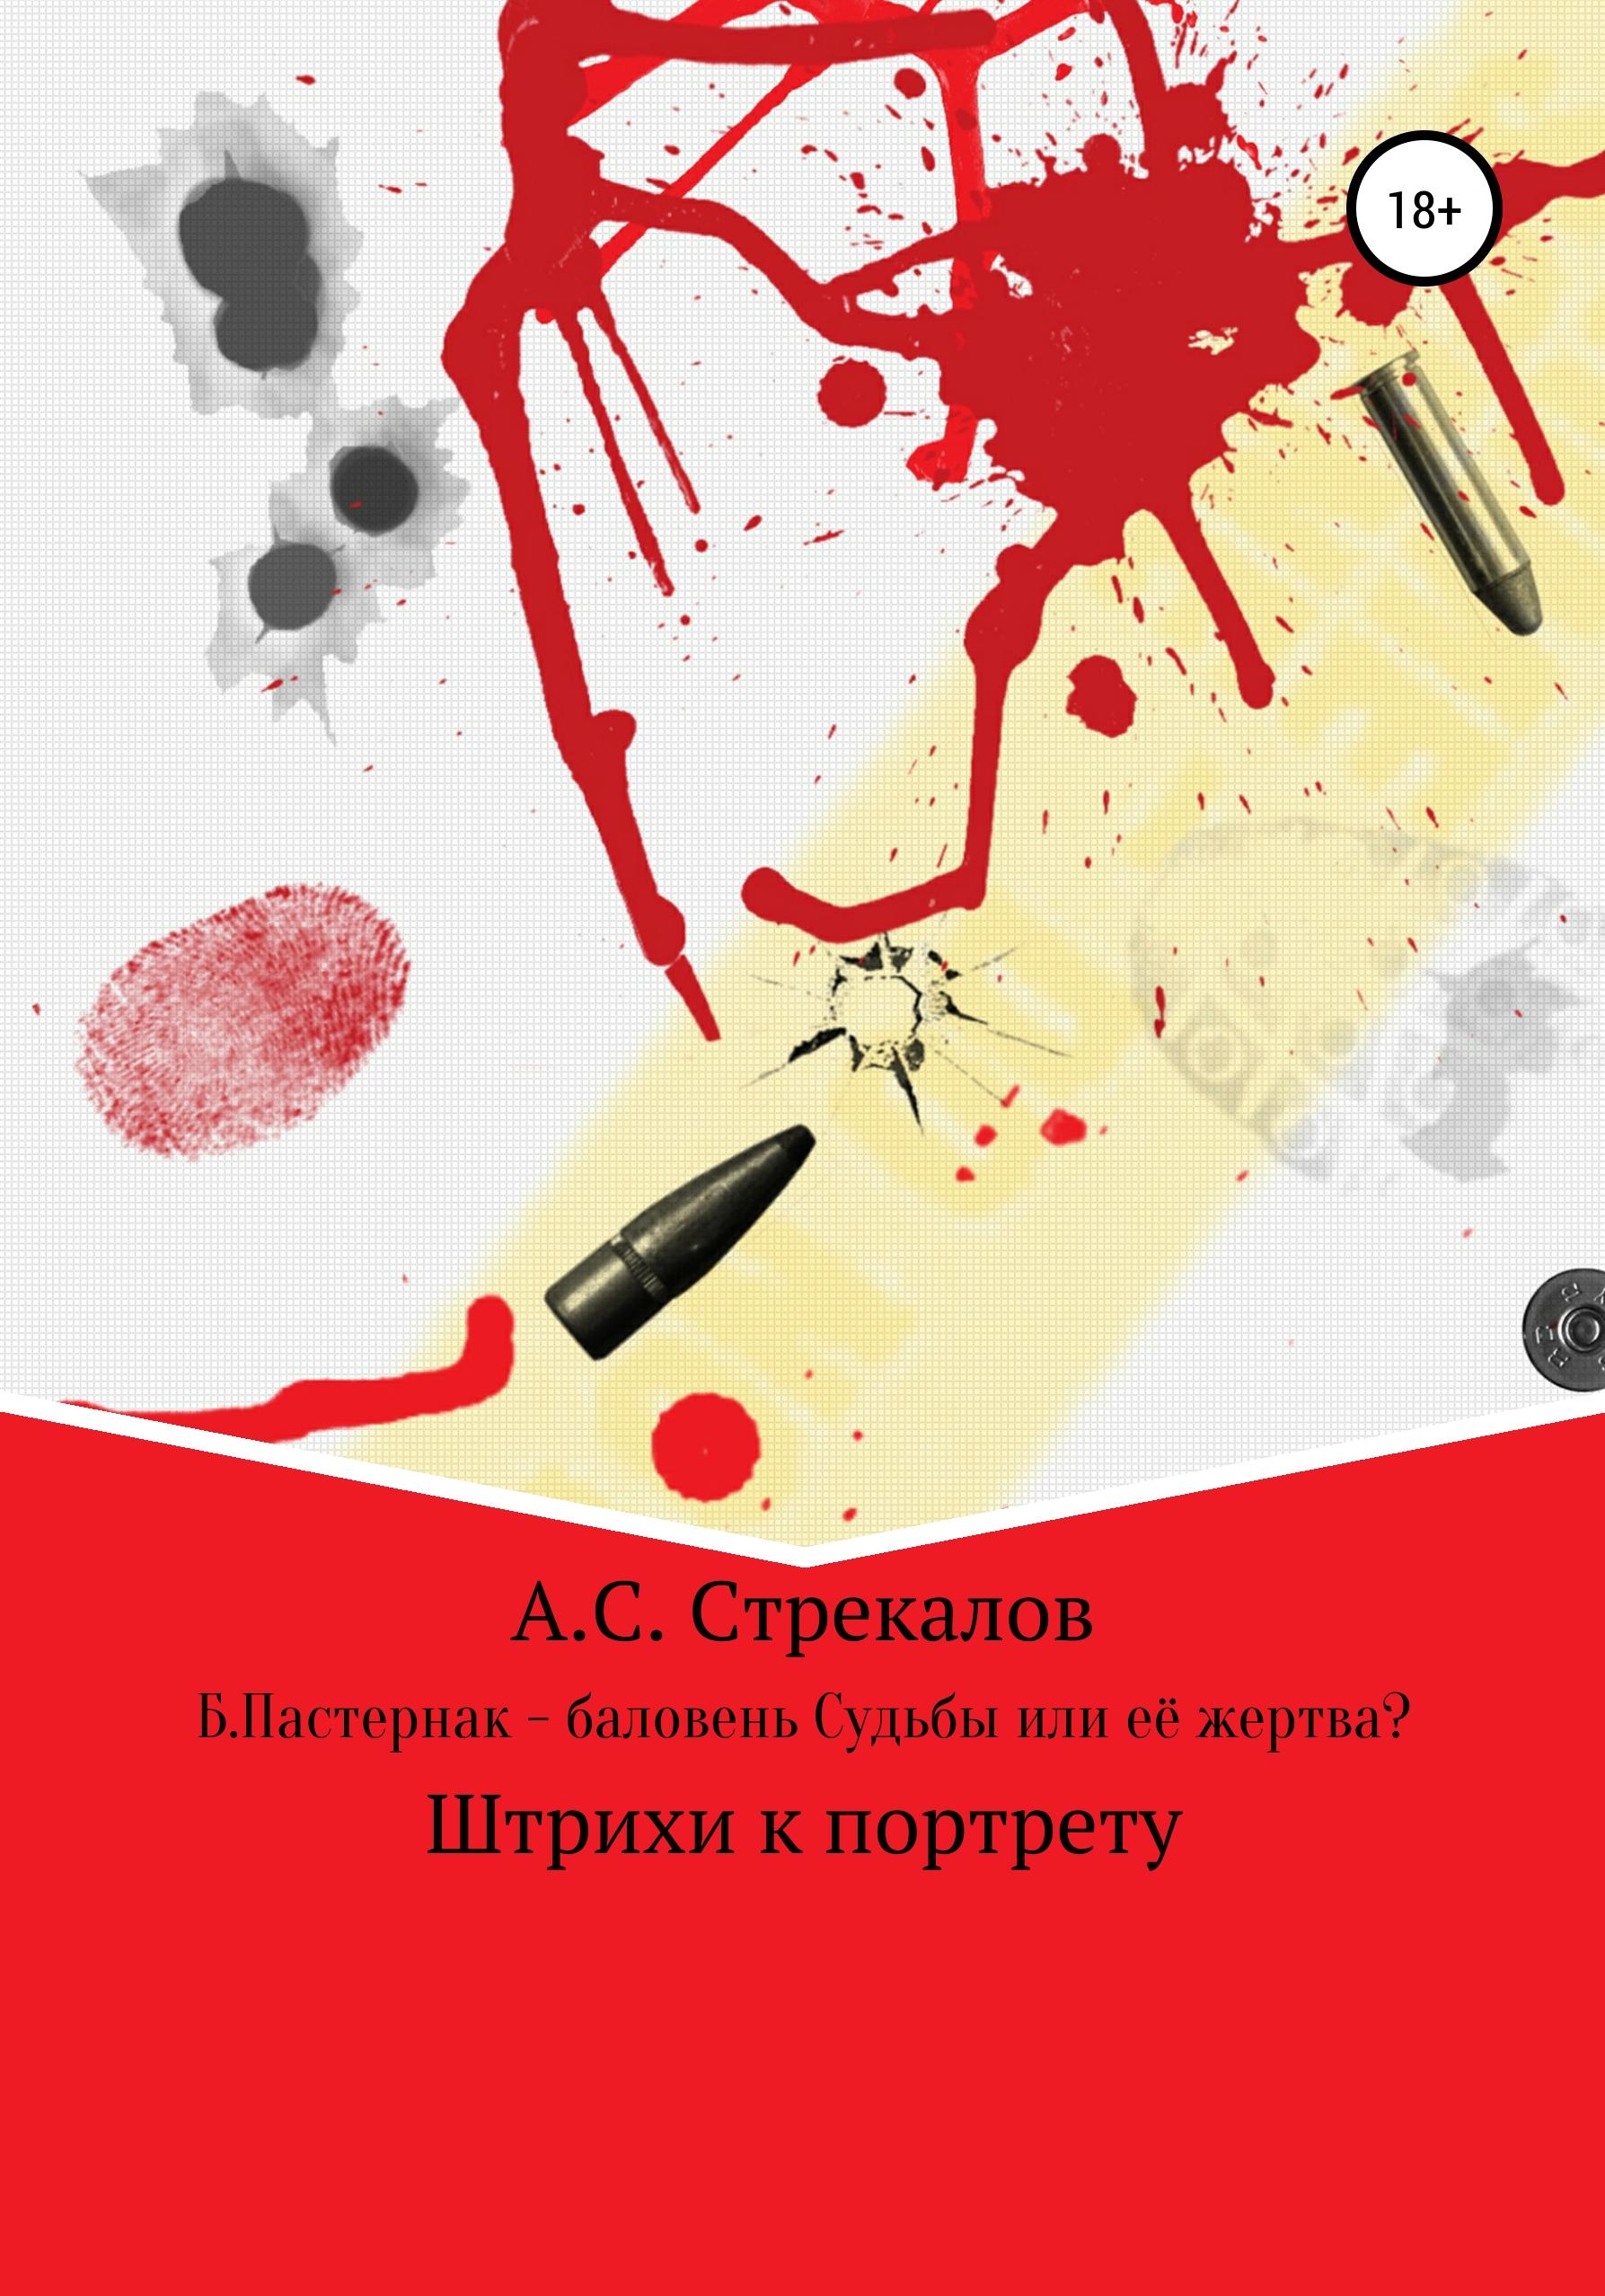 цена на Александр Сергеевич Стрекалов Б. Пастернак – баловень Судьбы или её жертва?